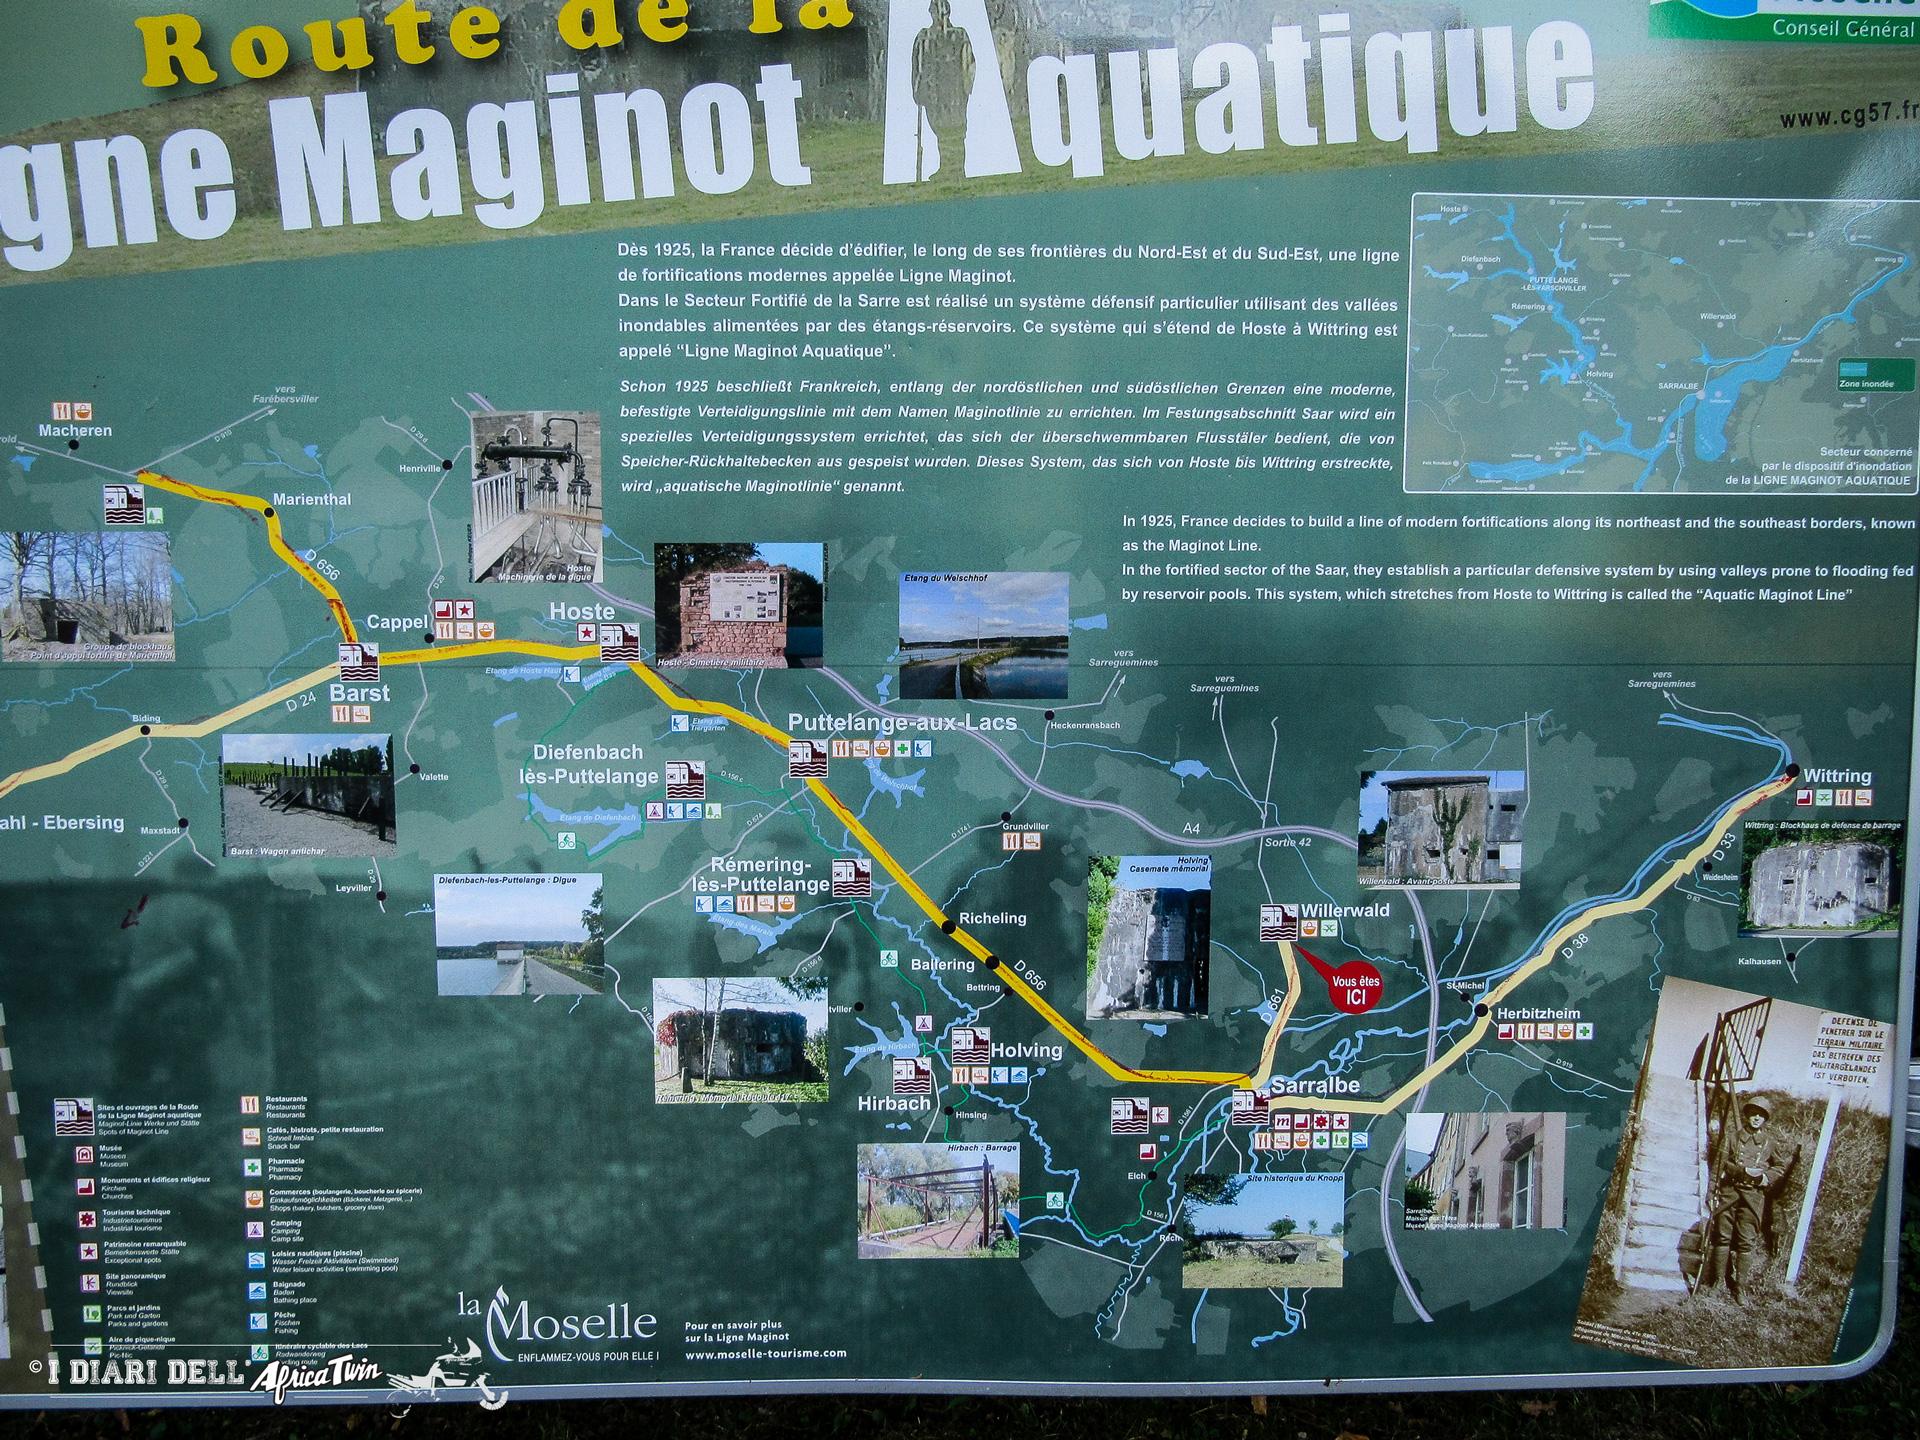 linea maginot Aquatique